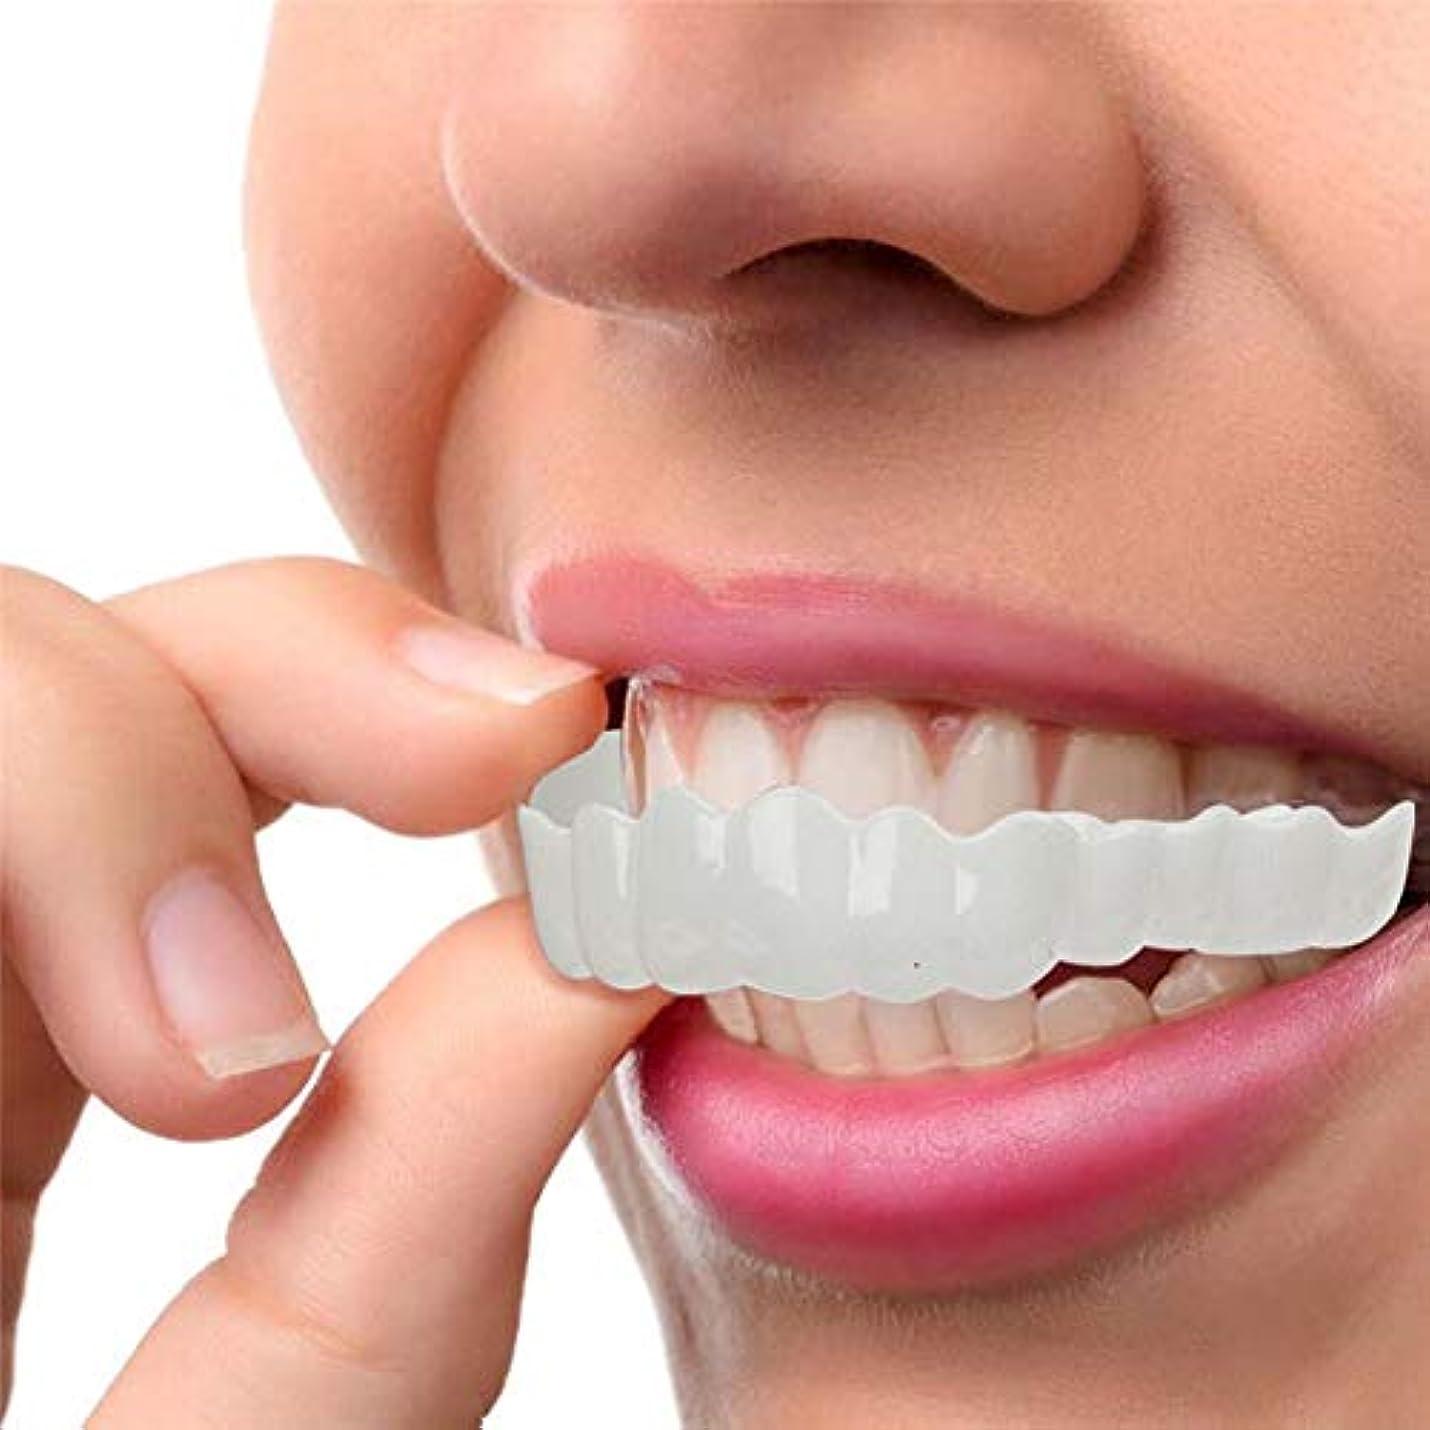 小石優勢共産主義2セット、白い歯をきれいにするコンフォートフィットフレックス歯ソケット、化粧用歯、超快適、快適フィット、